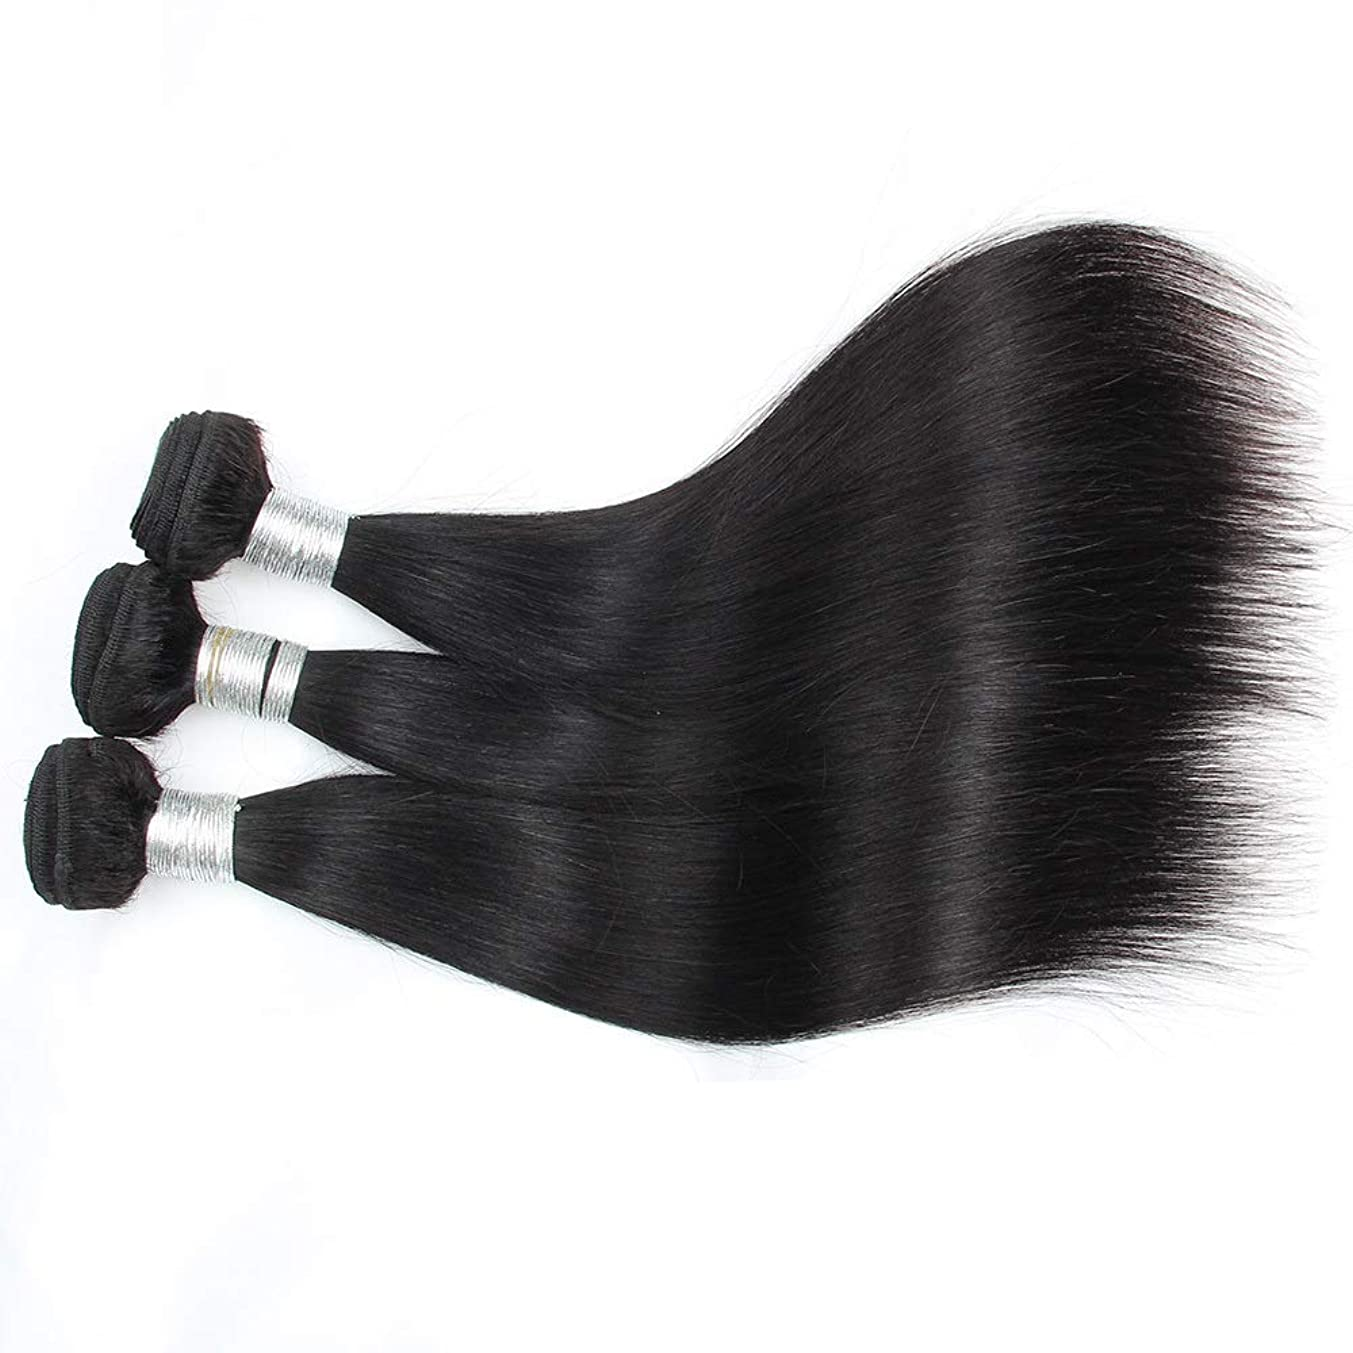 ピンチ反発会計士BOBIDYEE ブラジルの人間の髪織り1バンドル100%人毛エクステンションナチュラルブラックカラー横糸10-28インチロングストレートヘアウィッグウィッグ (色 : 黒, サイズ : 14 inch)